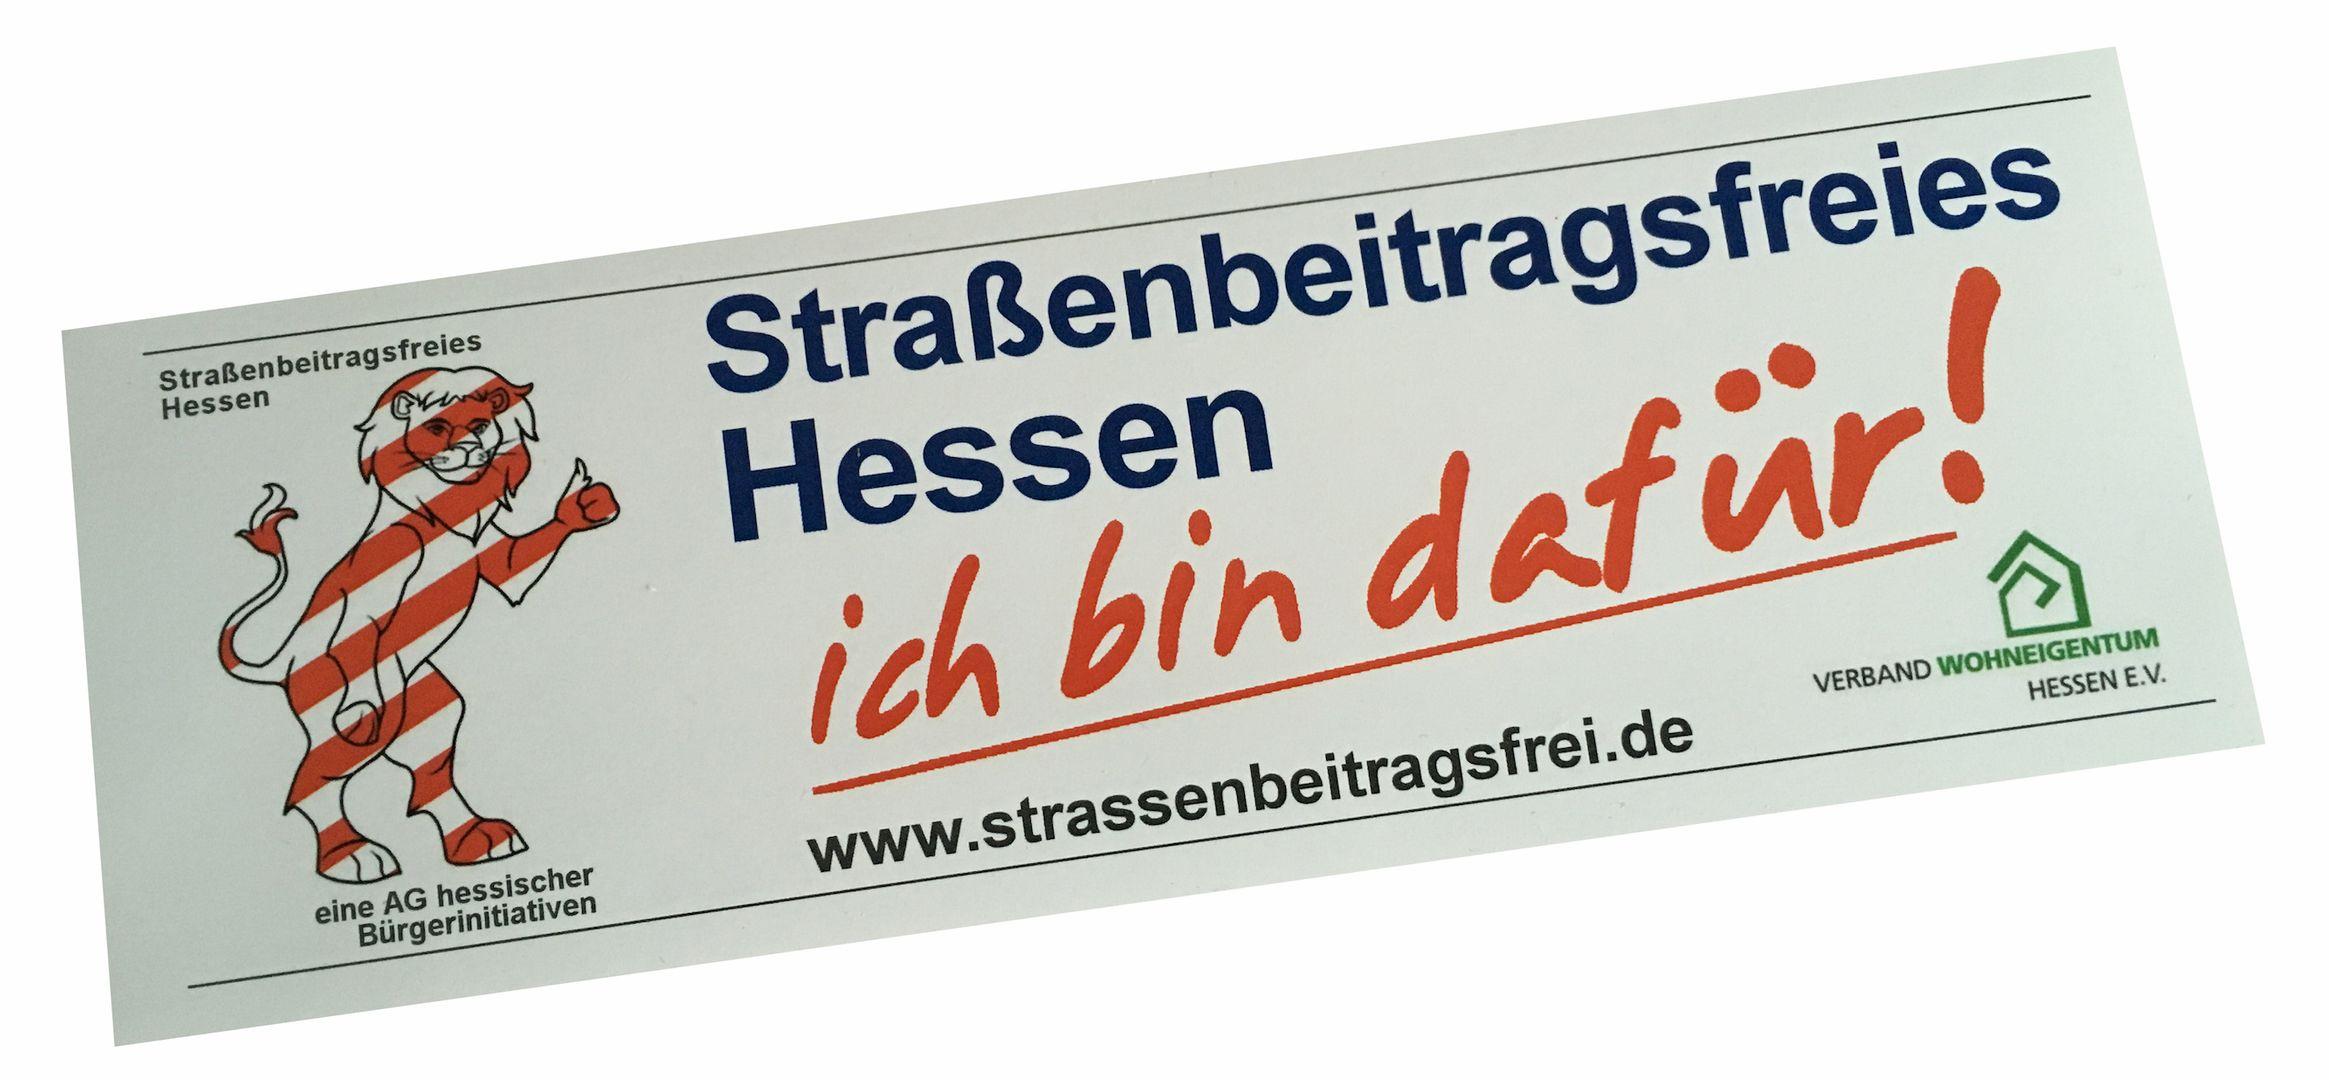 Gesetzentwurf der SPD und Linken zur Abschaffung